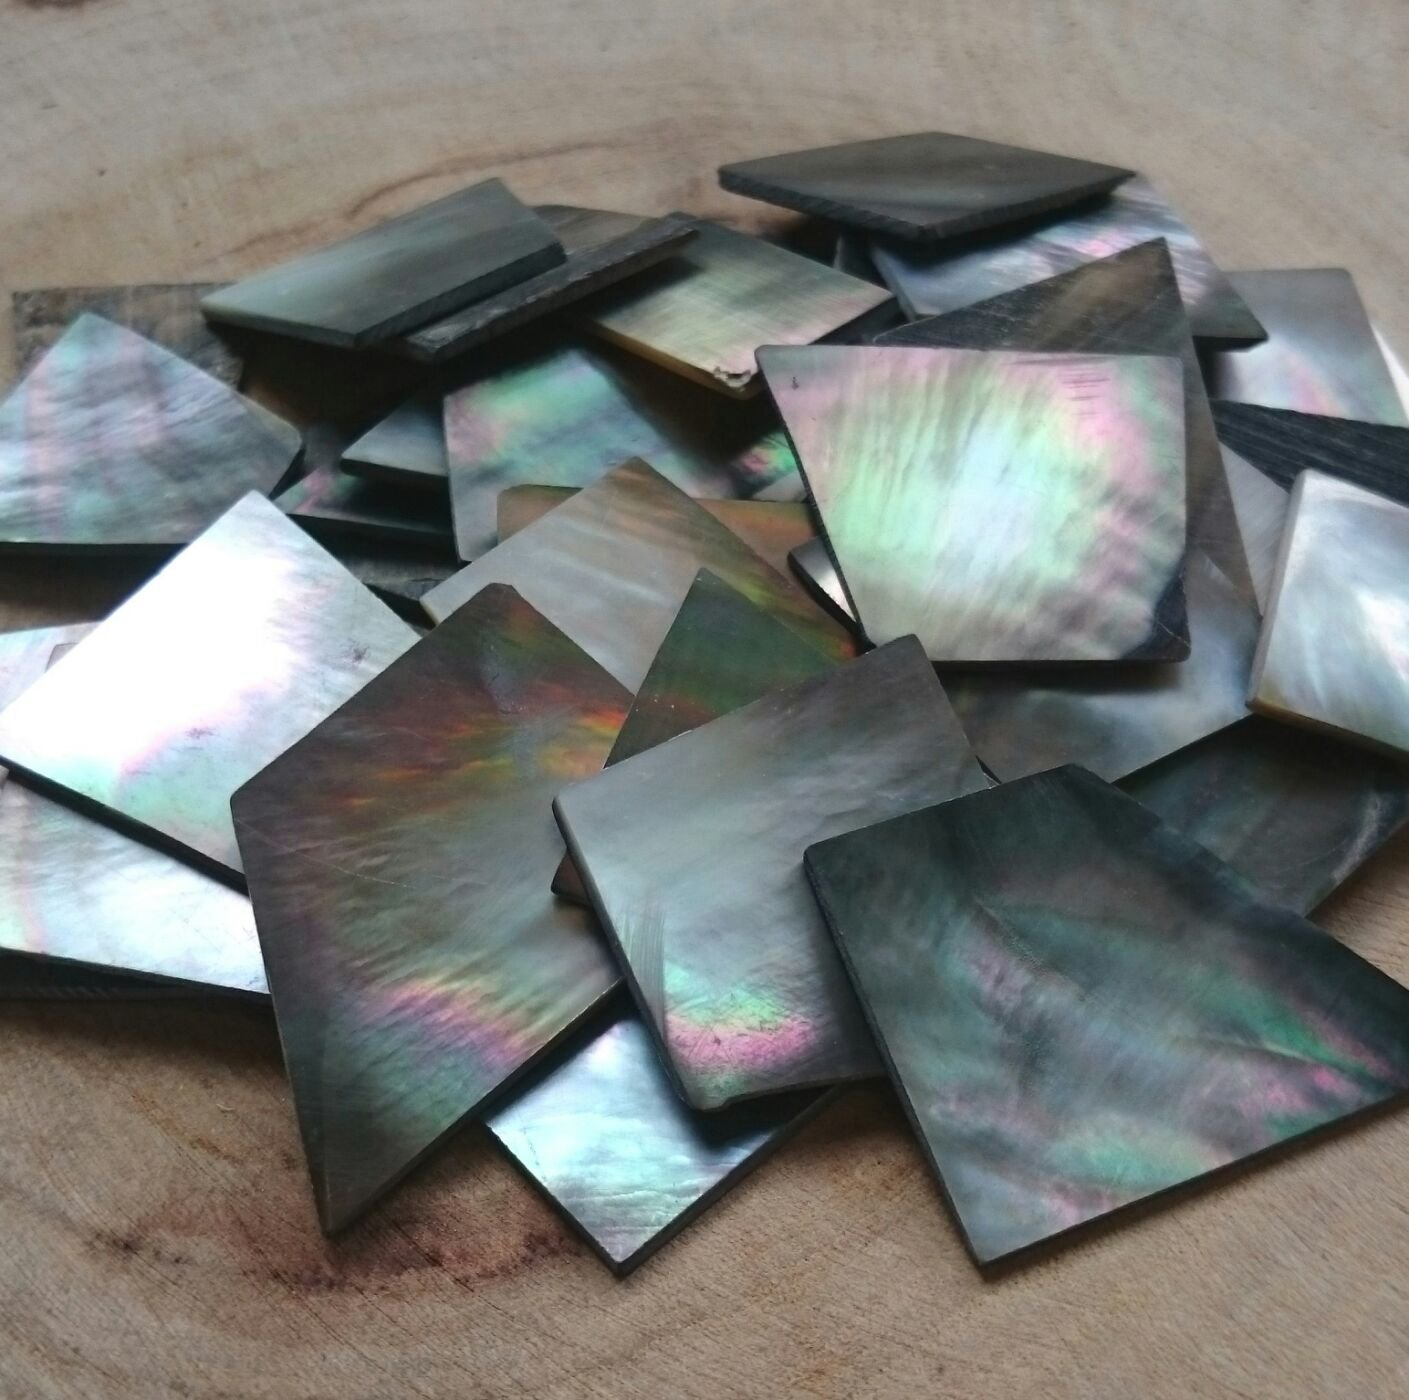 60g 不規則切片單面拋光天然海水黑色珍珠貝殼片 馬賽克拼貼DIY 藝 項鍊 串珠 陶瓷 玻璃